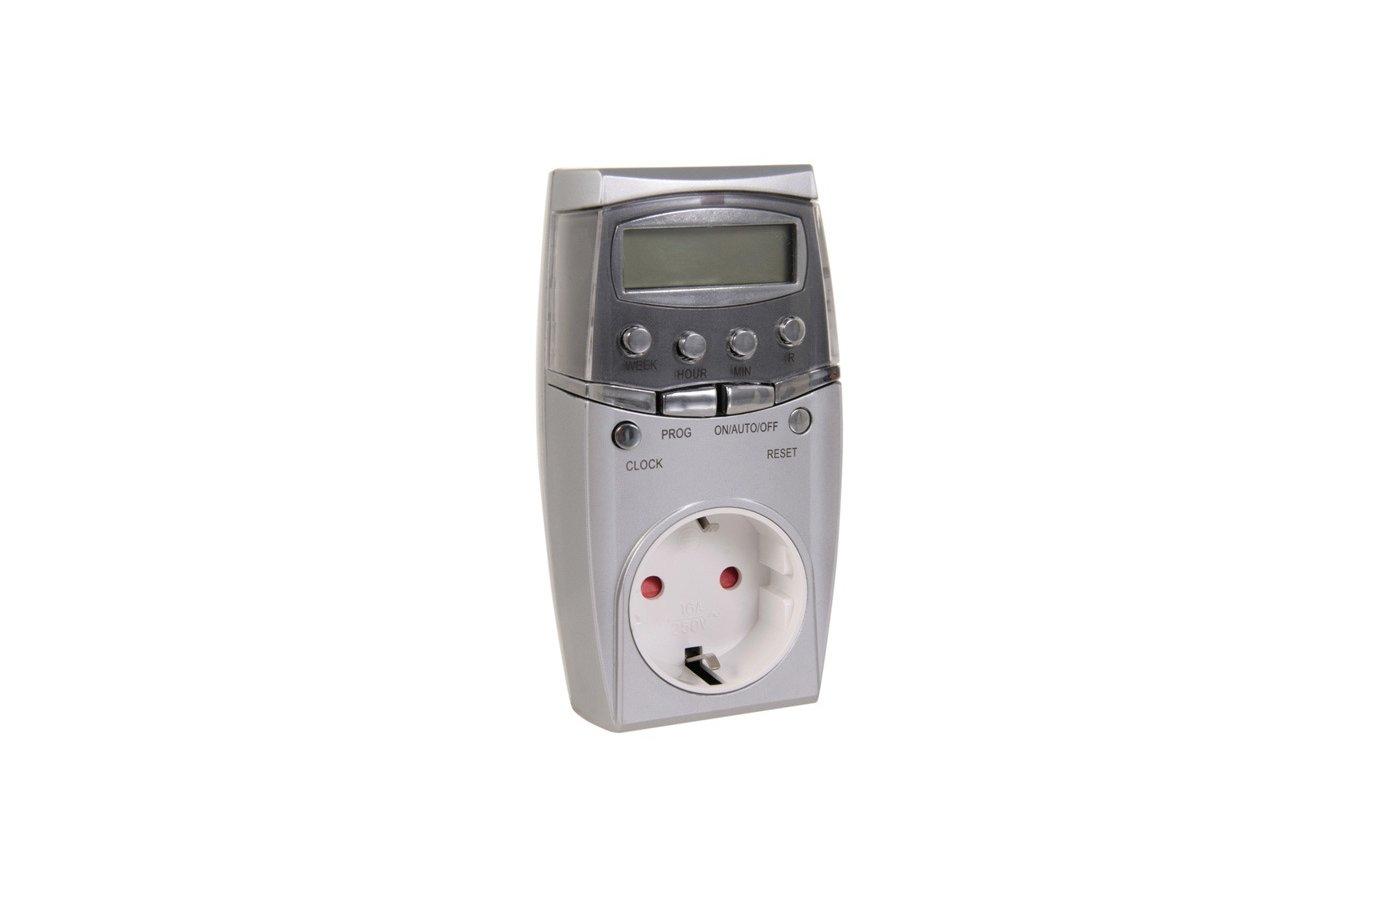 прибор для управления освещением Camelion BND-50/SG65 (Таймер цифровой розеточный, 7-дневная программа, 230/3500Вт)